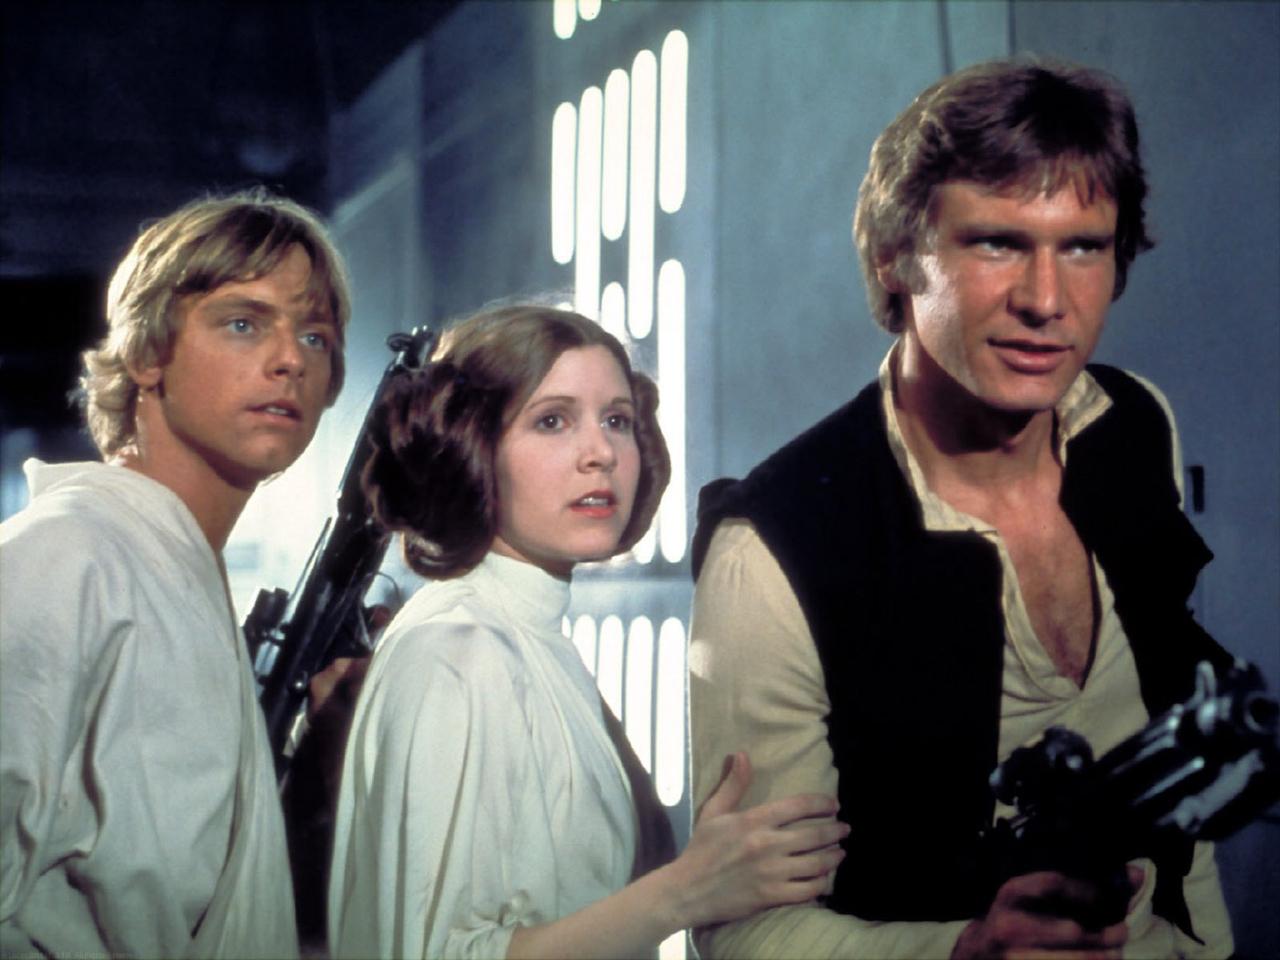 Une image de Luke Skywalker, la Princesse Leia et Han Solo à bord de l'Étoile de la mort